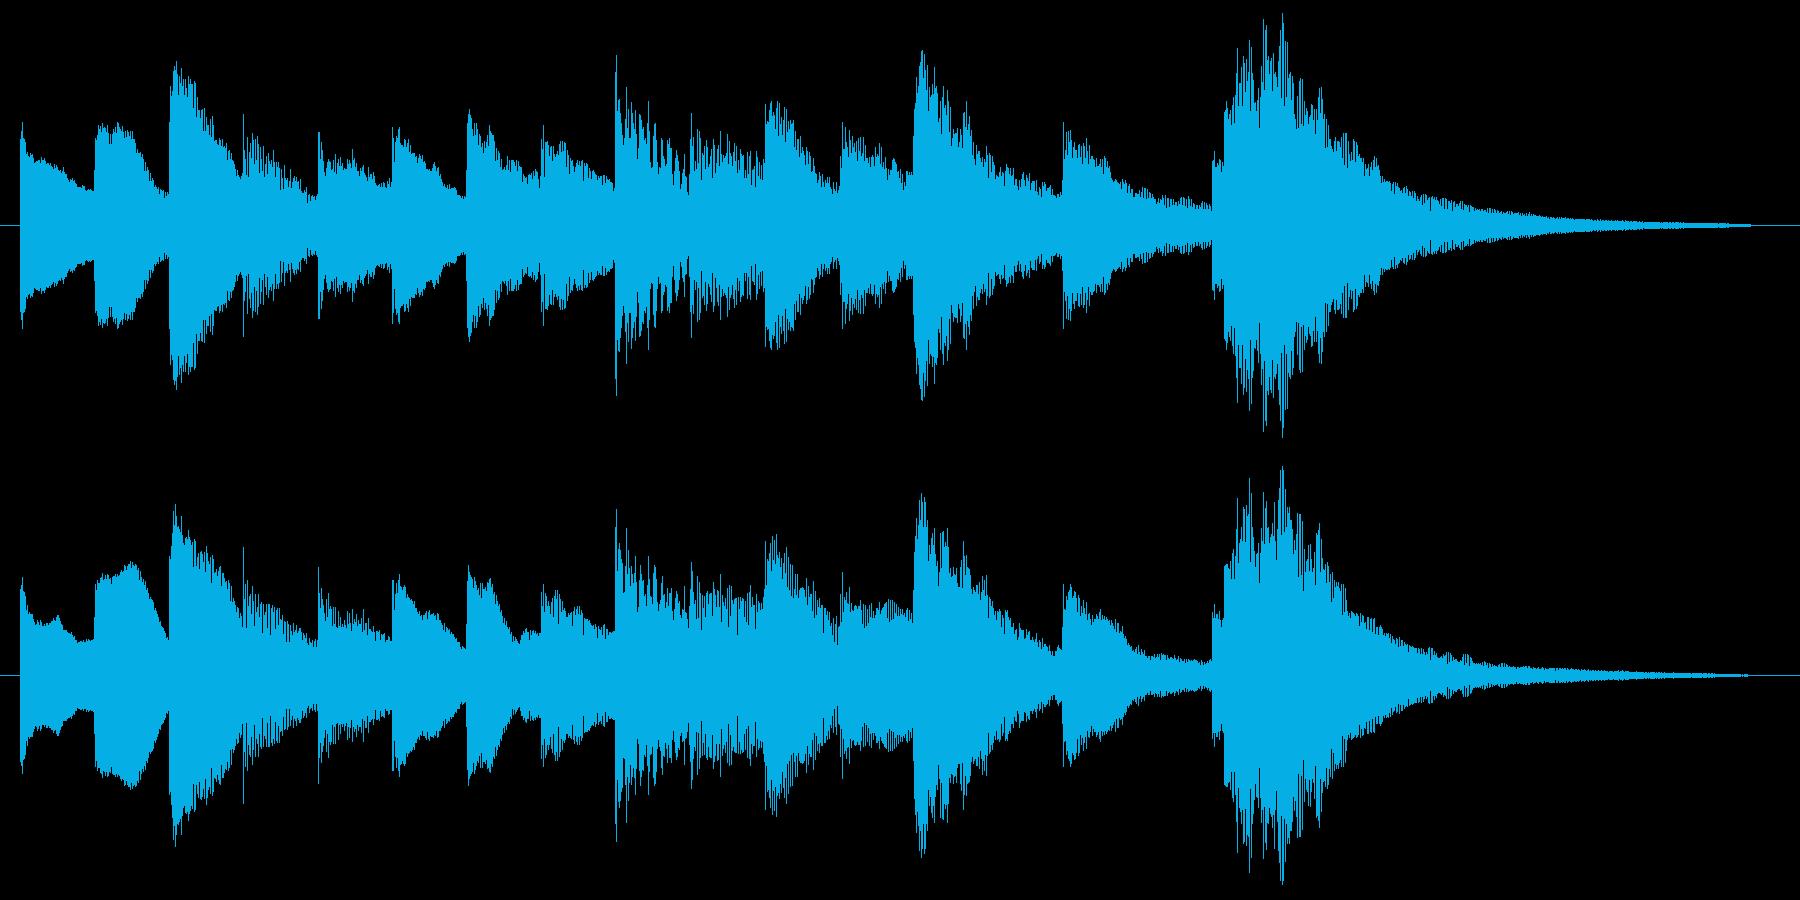 オルゴールによるかわいいサウンドロゴの再生済みの波形